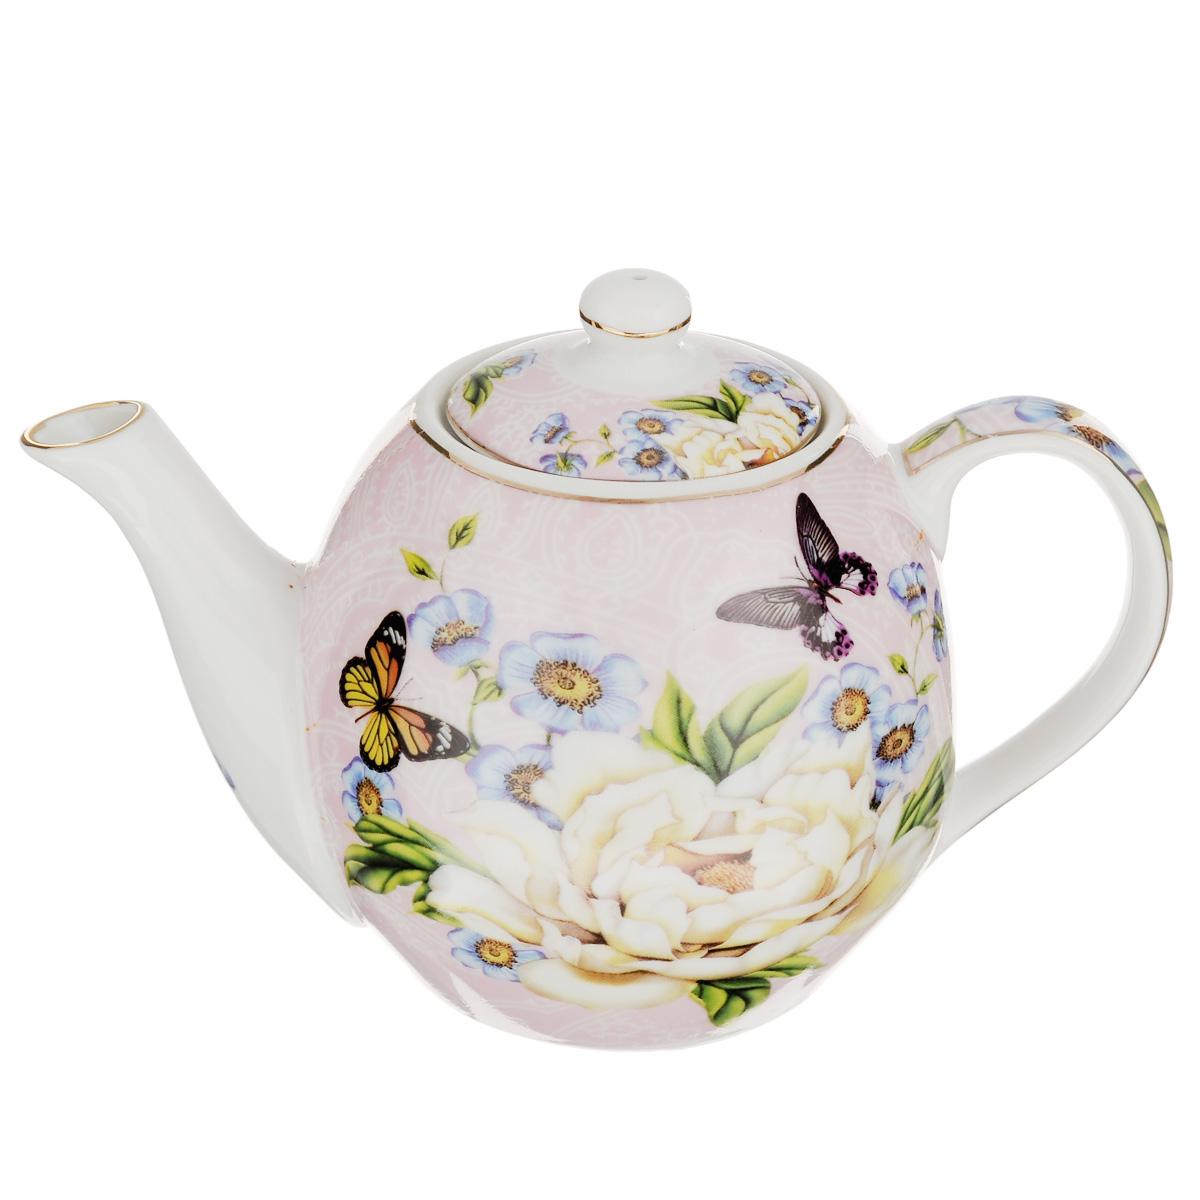 Чайник заварочный Briswild Бабочки на пионе, 470 мл543-287Заварочный чайник Briswild Бабочки на пионе изготовлен из высококачественного фарфора и покрыт слоем сверкающей глазури. Посуда украшена изысканным изображением цветов и бабочек. Такой чайник прекрасно дополнит сервировку стола к чаепитию и станет его неизменным атрибутом. Не использовать в микроволновой печи. Объем: 470 мл. Диаметр (по верхнему краю): 6 см. Высота стенки (без учета крышки): 9 см.